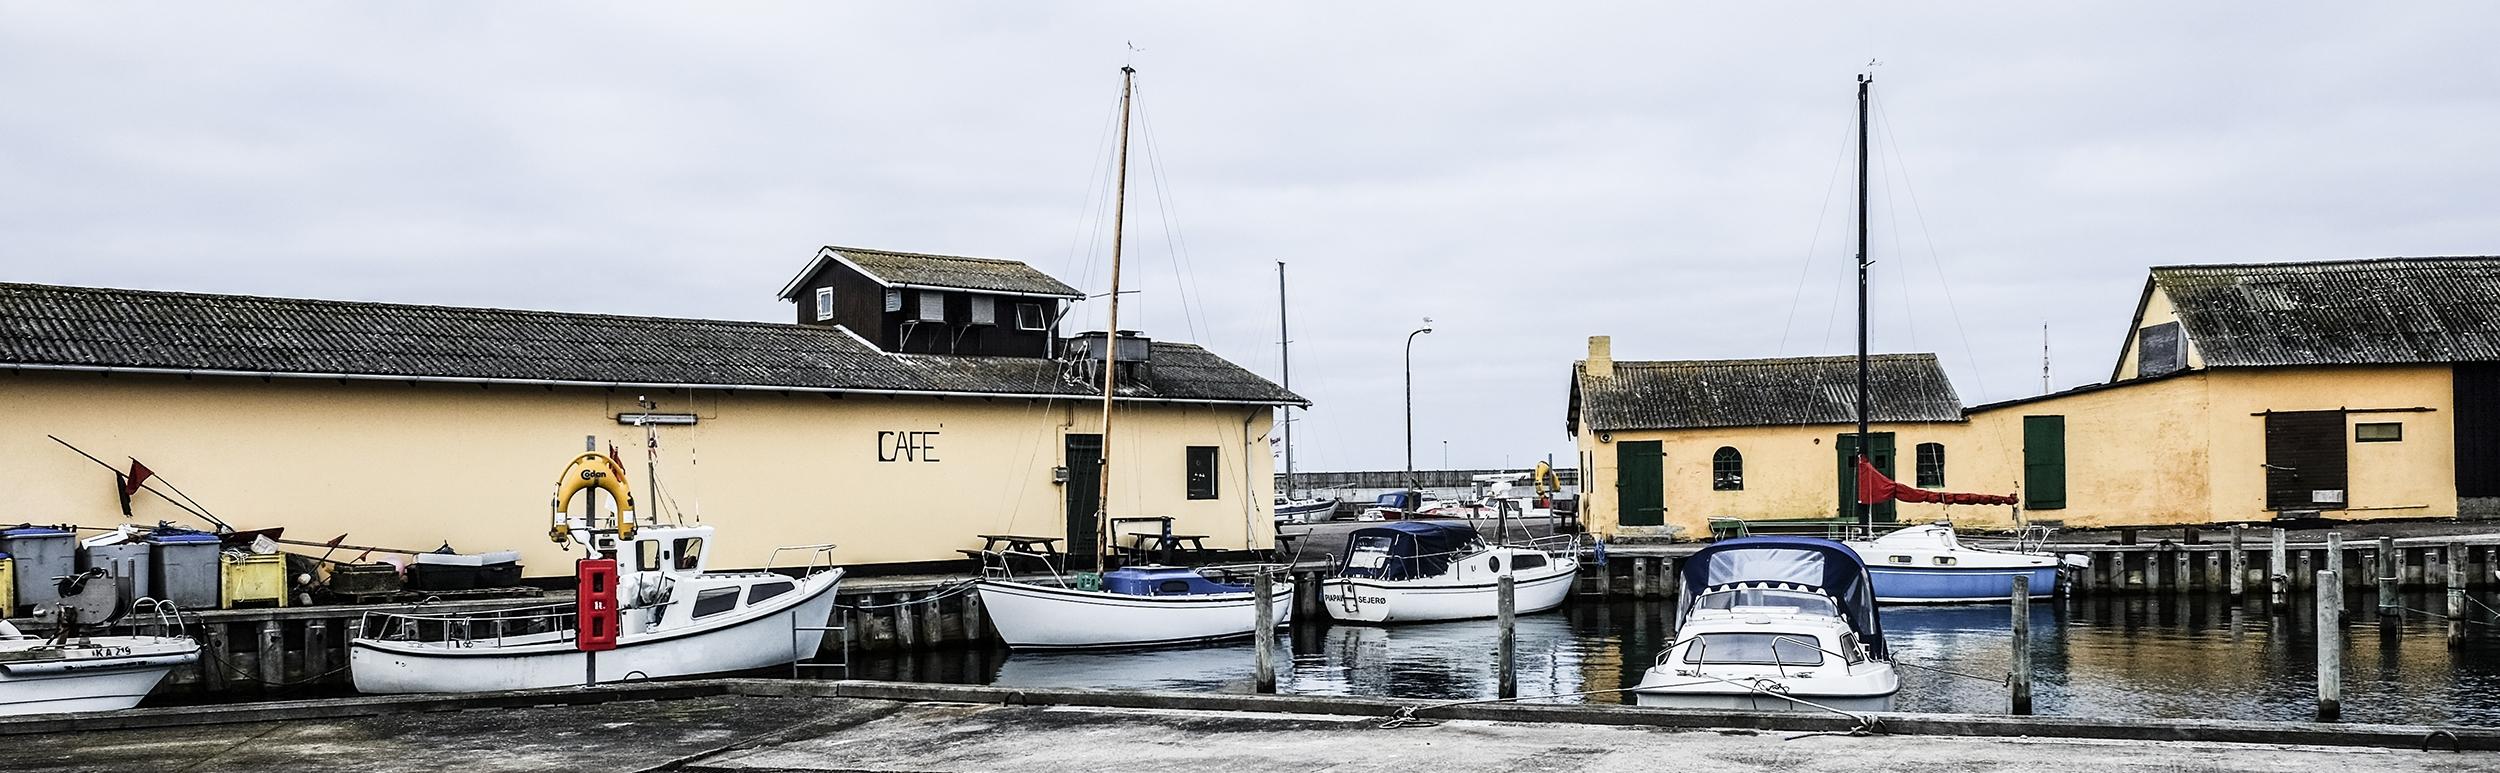 1731_DSCF8757_Sejerø Havn Café.jpg